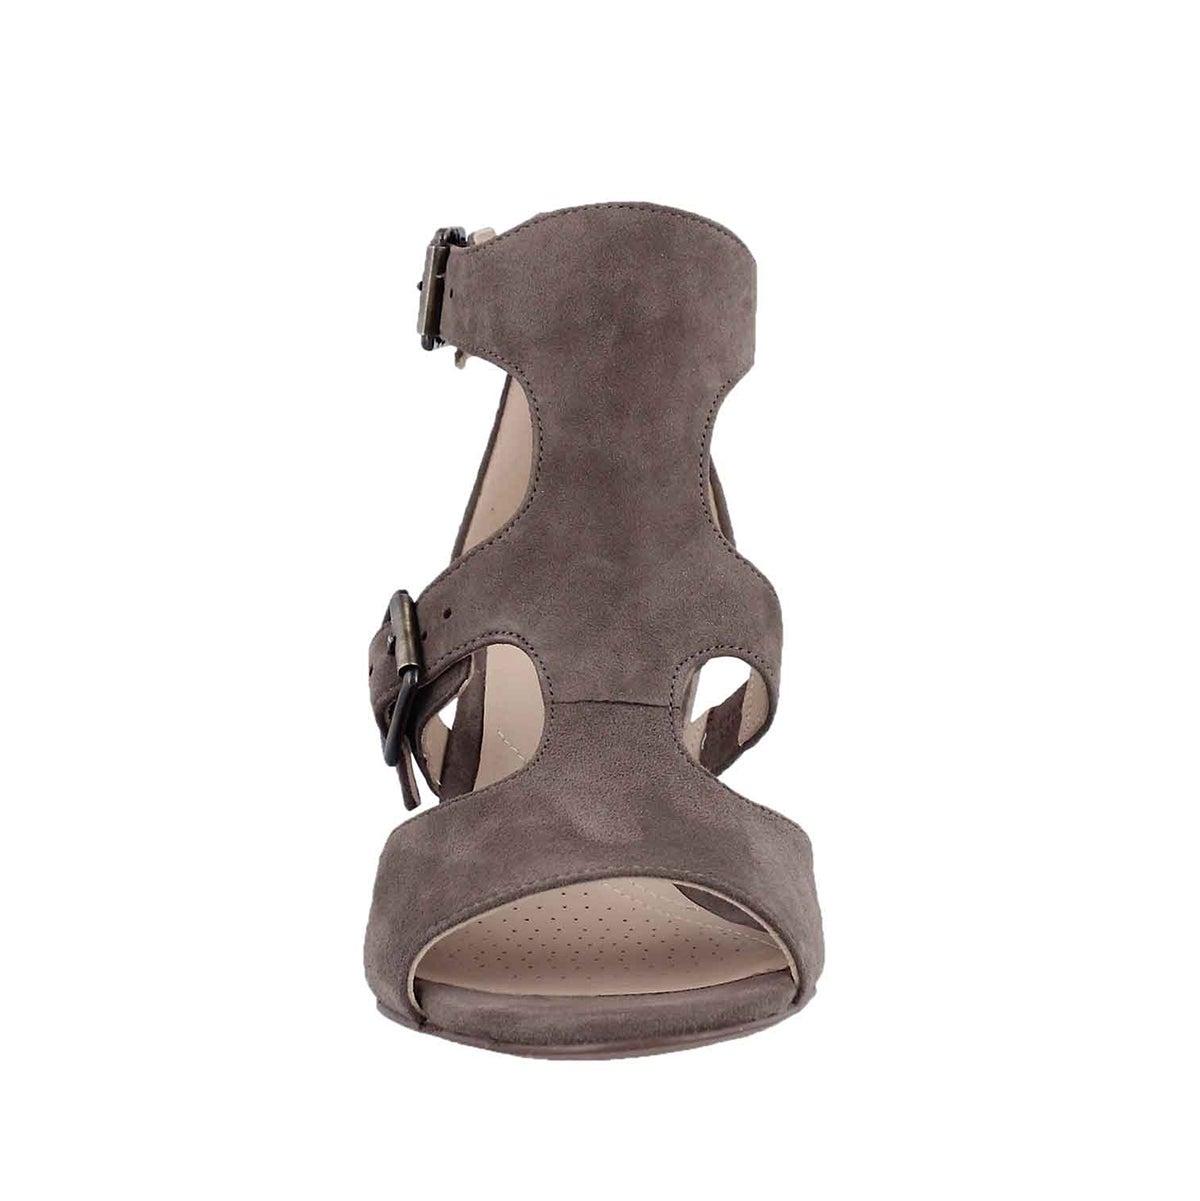 Lds Deloria Kay olive dress sandal